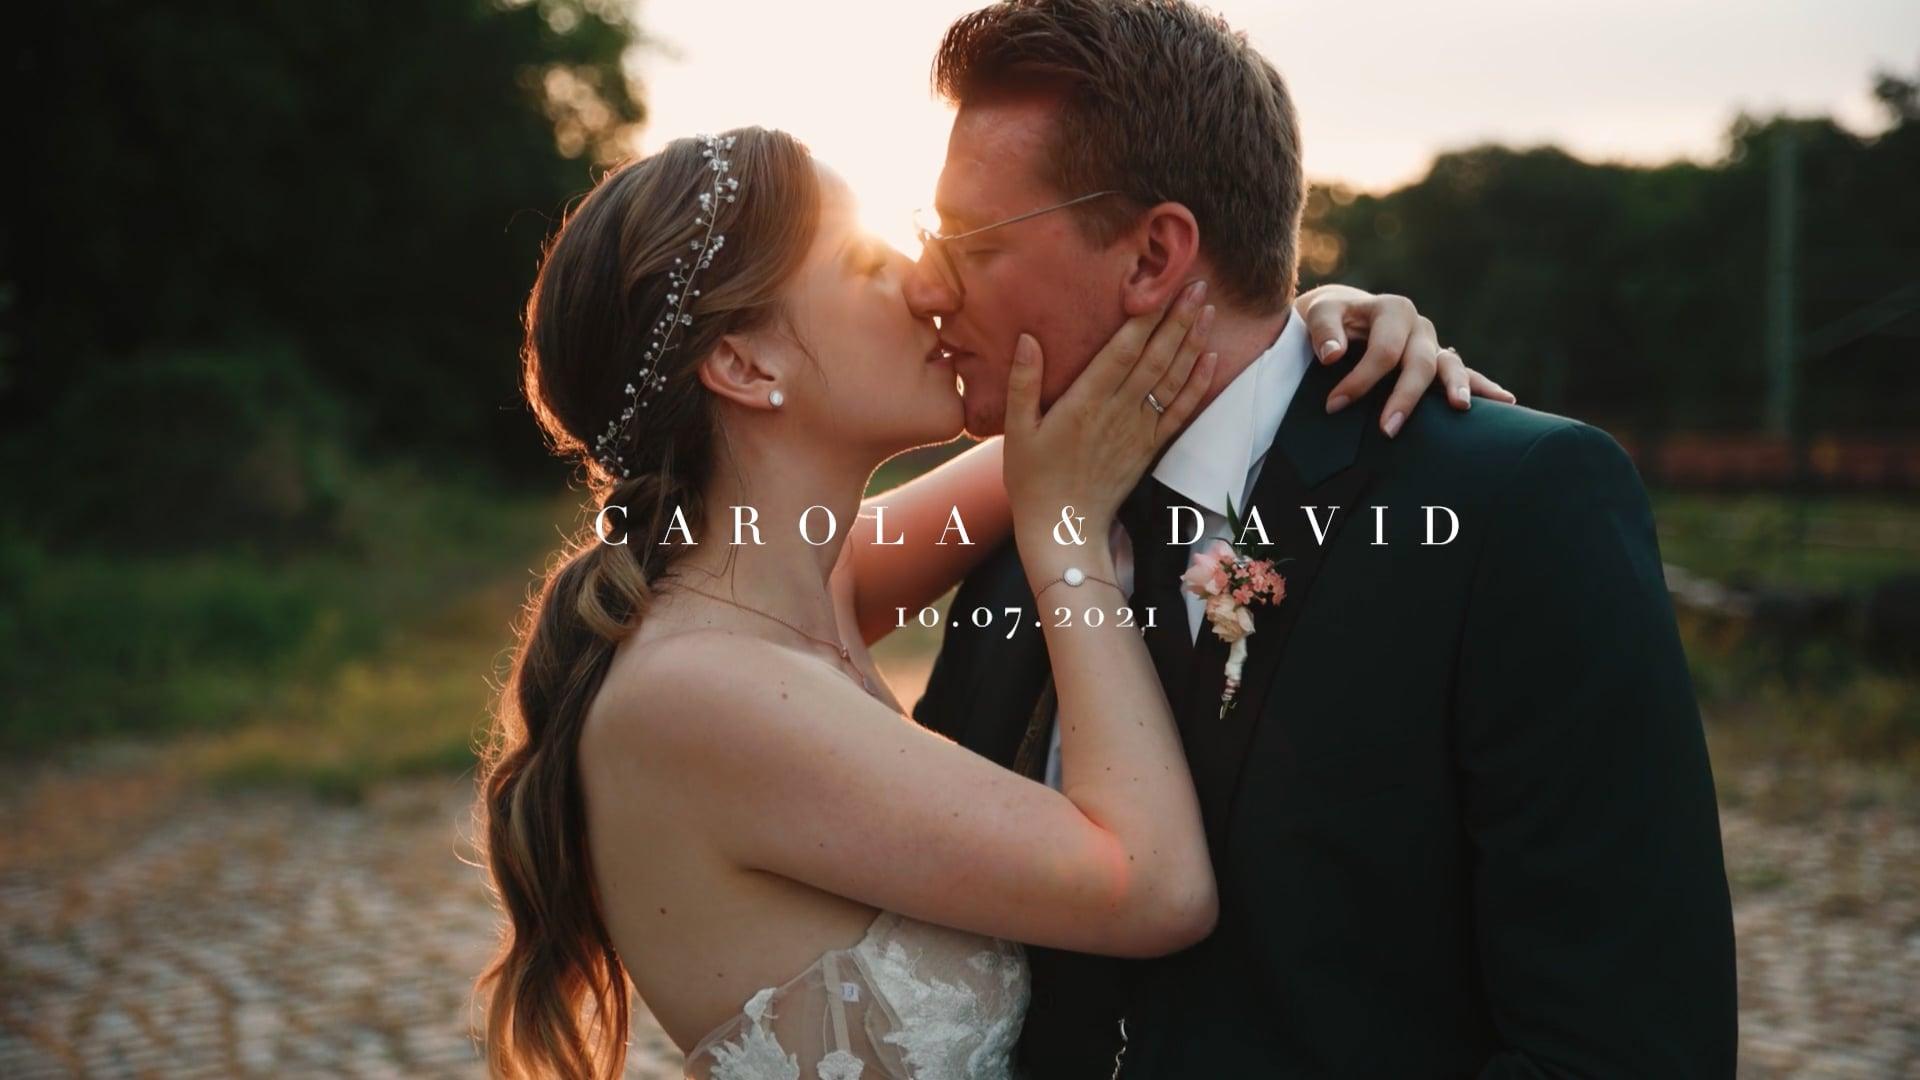 Highlightfilm David  & Carola